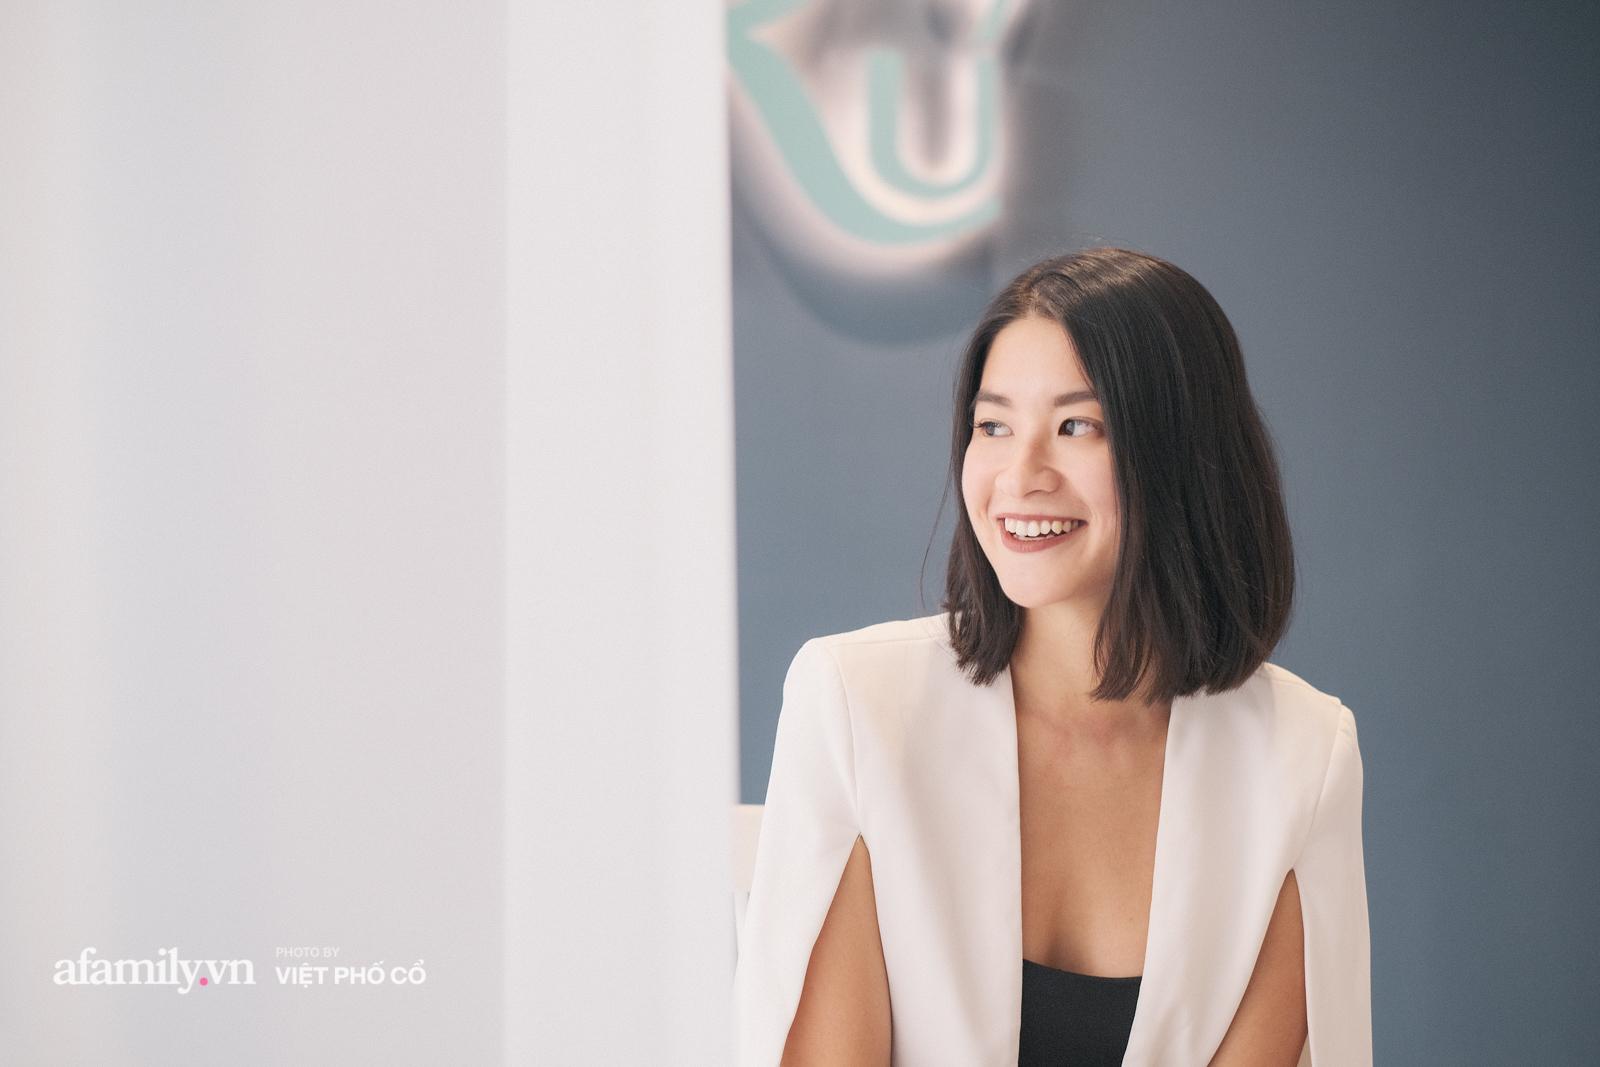 """Đặng Thùy Trang: Bỏ cơ hội rộng mở ở nước ngoài, chia tay công việc nghìn đô về làm """"công chúa hạt đậu"""" vì những giấc ngủ bồng bềnh trên 9 tầng mây - Ảnh 1."""